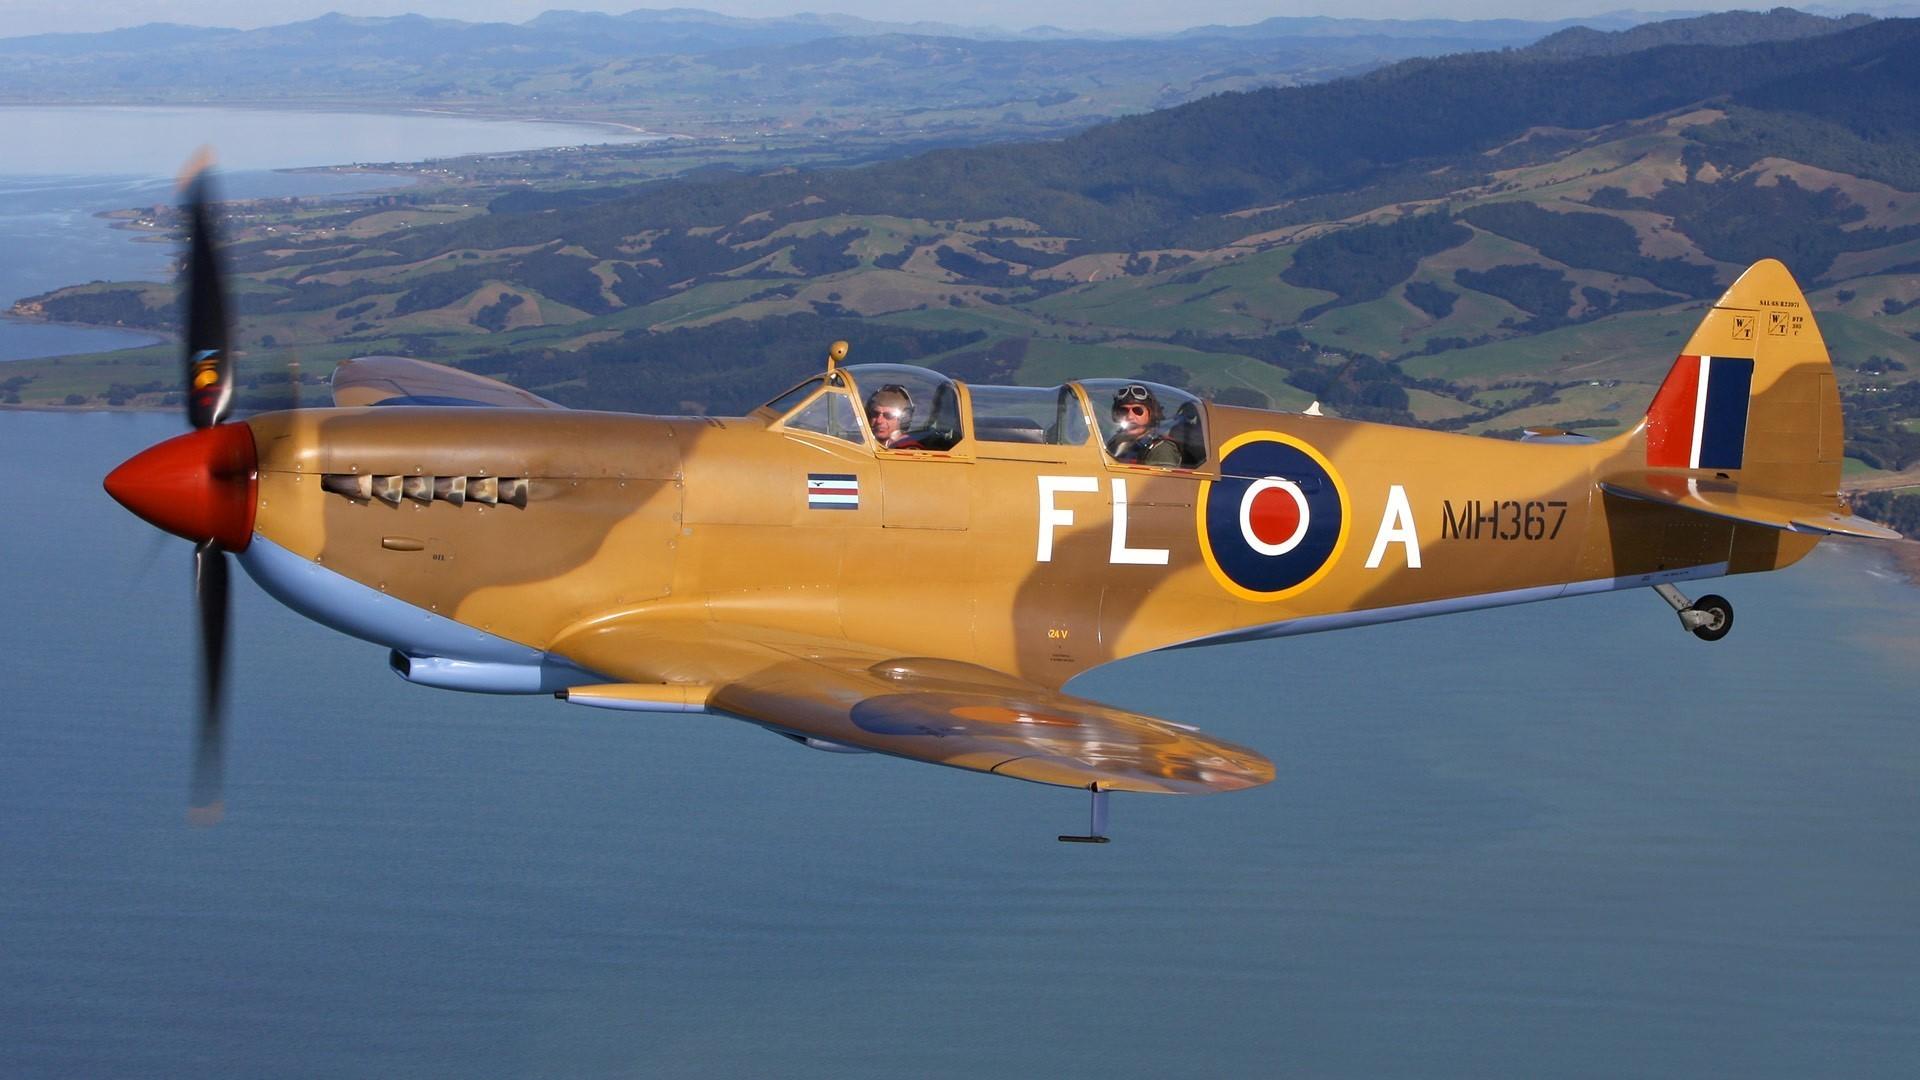 Res: 1920x1080, Airplanes warbird supermarine spitfire wallpaper